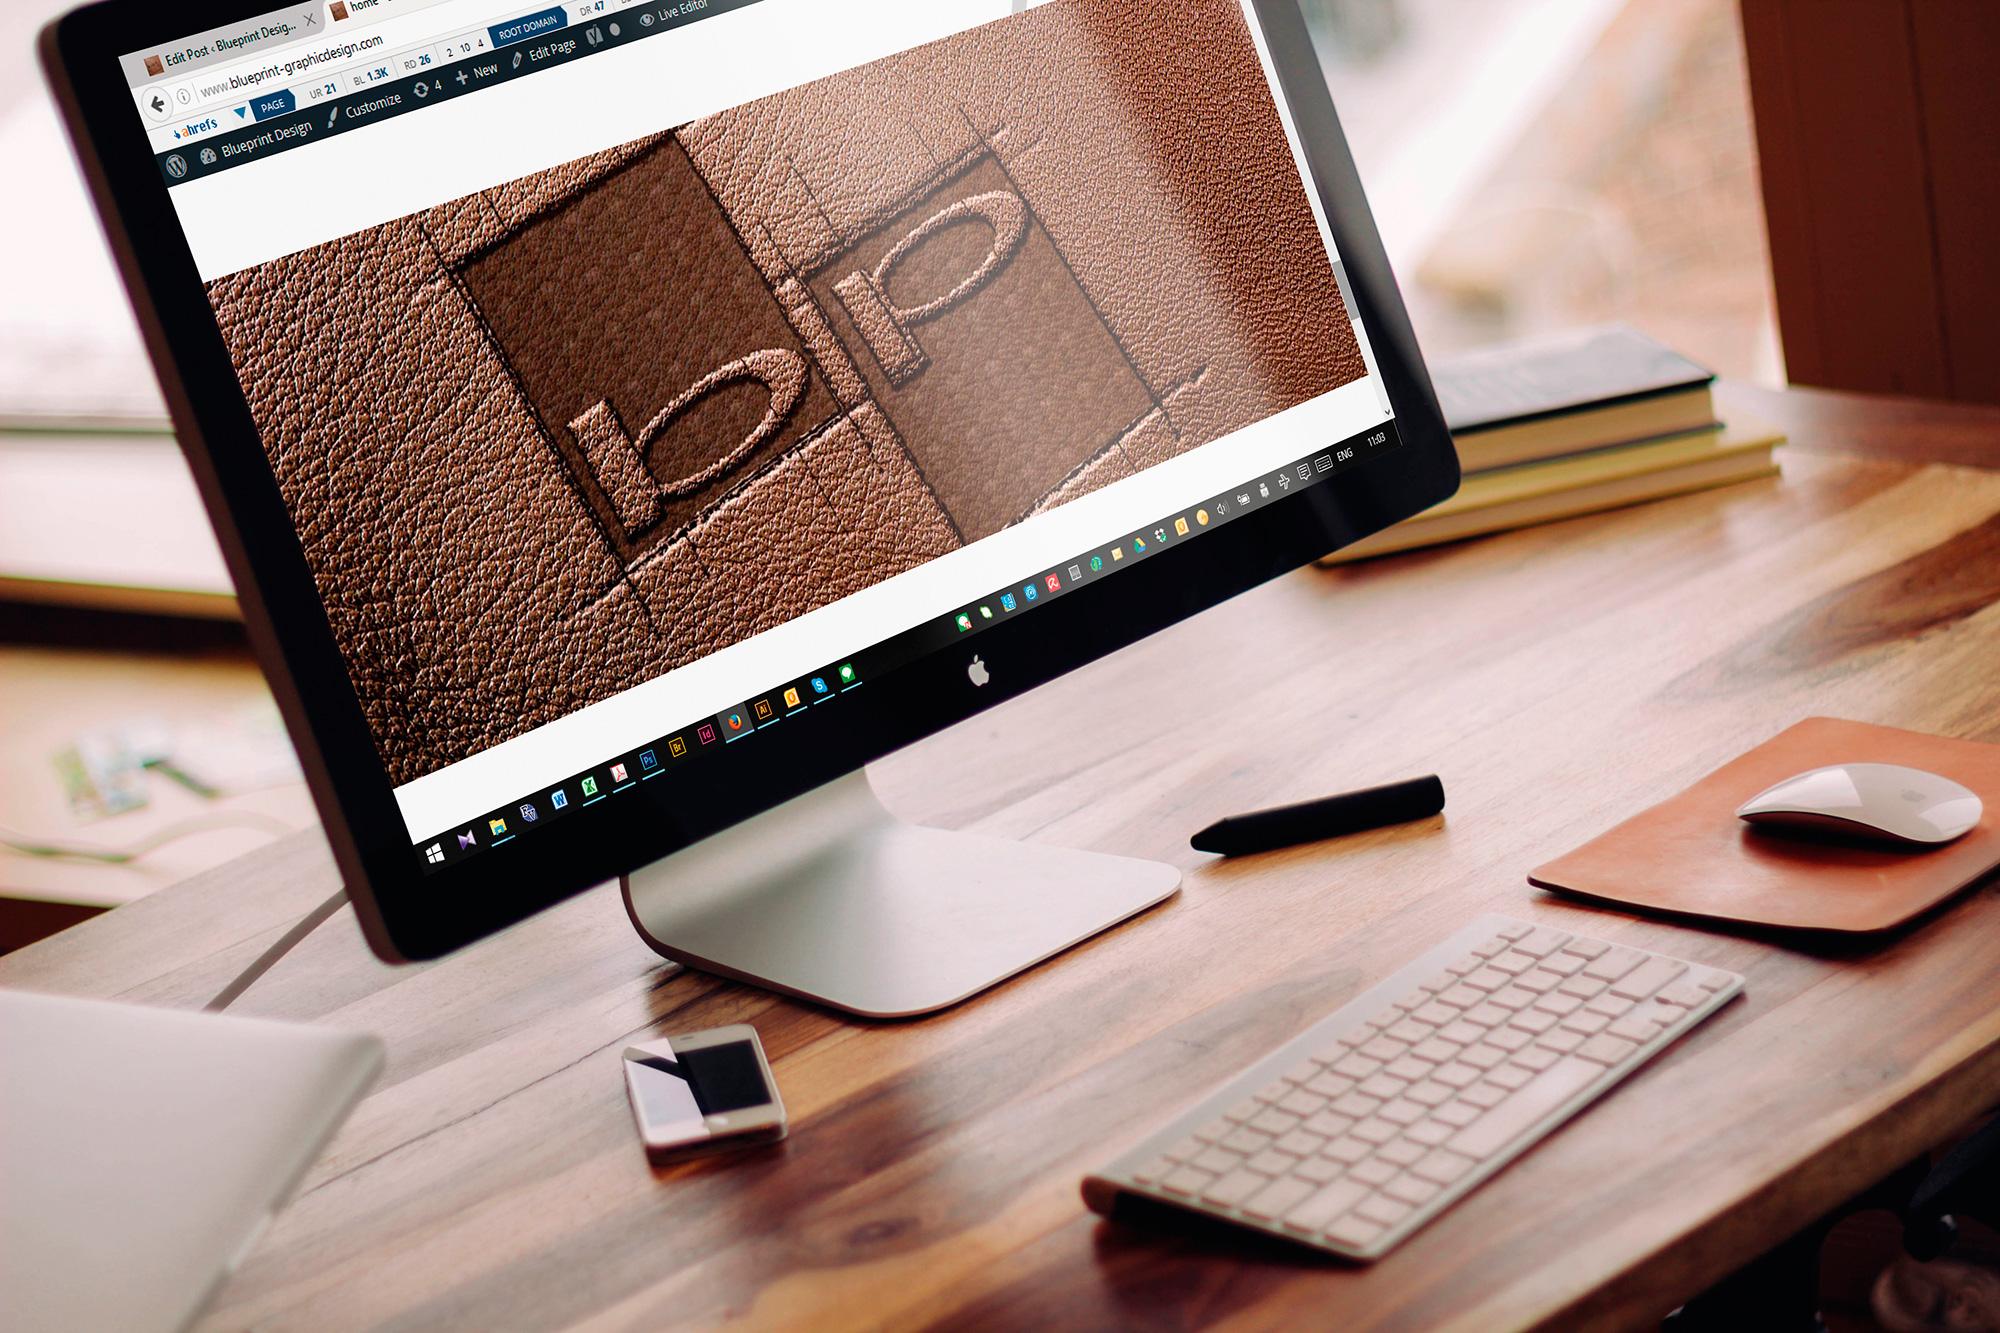 web design mockup for BP